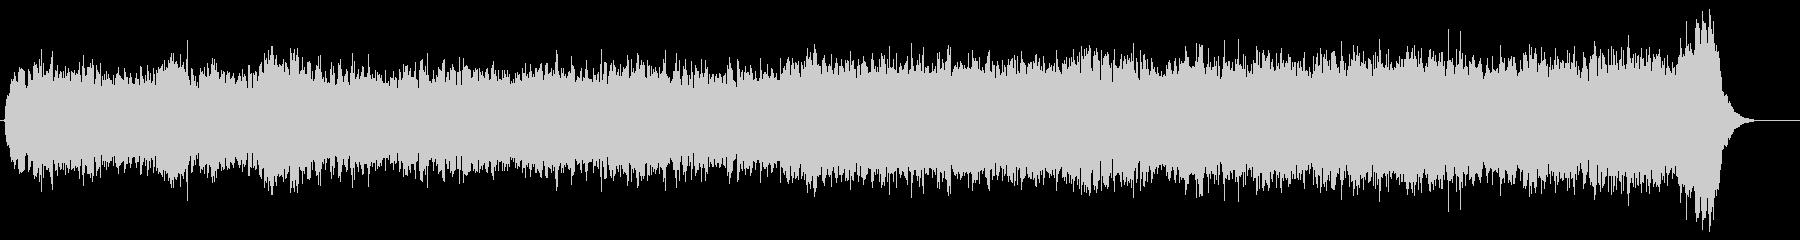 荘厳なパイプオルガンオリジナル曲の未再生の波形